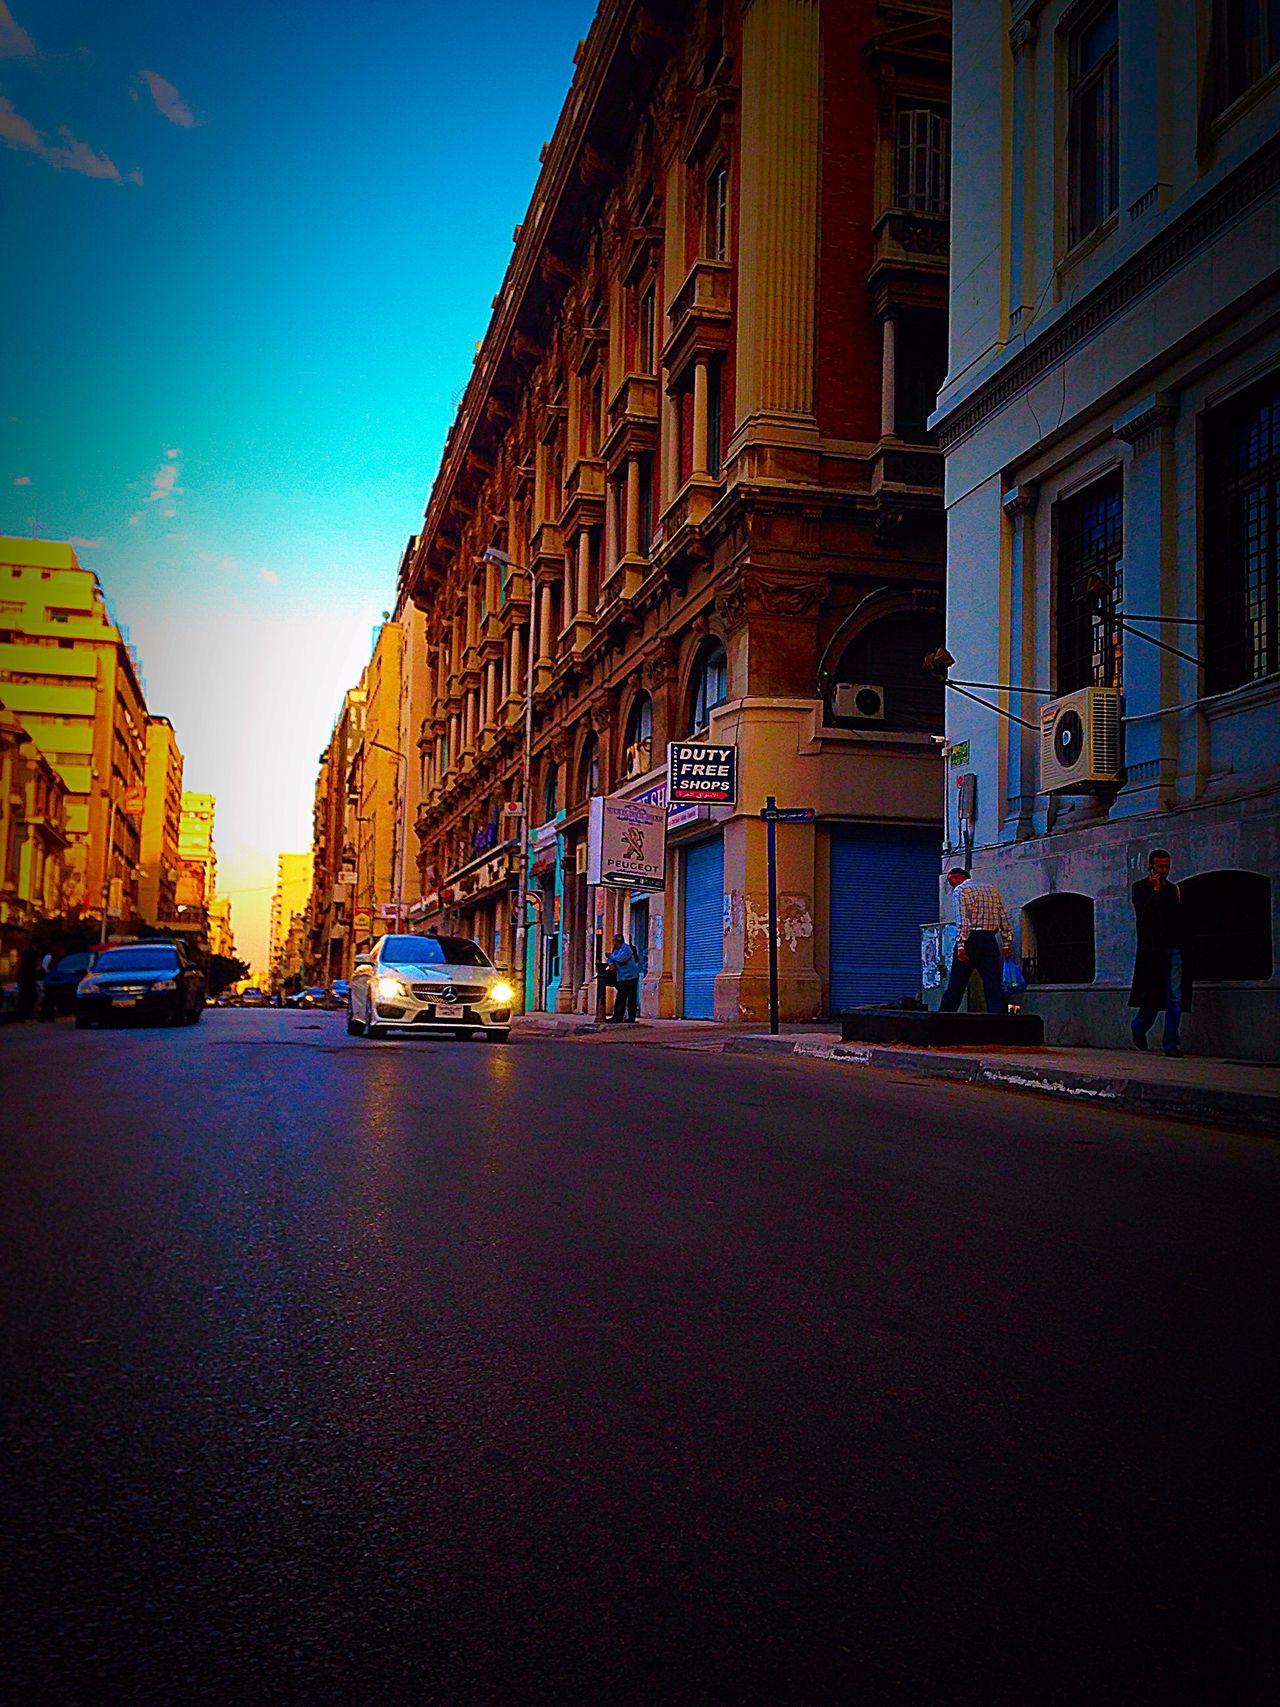 Car Alexandria Egypt Street City